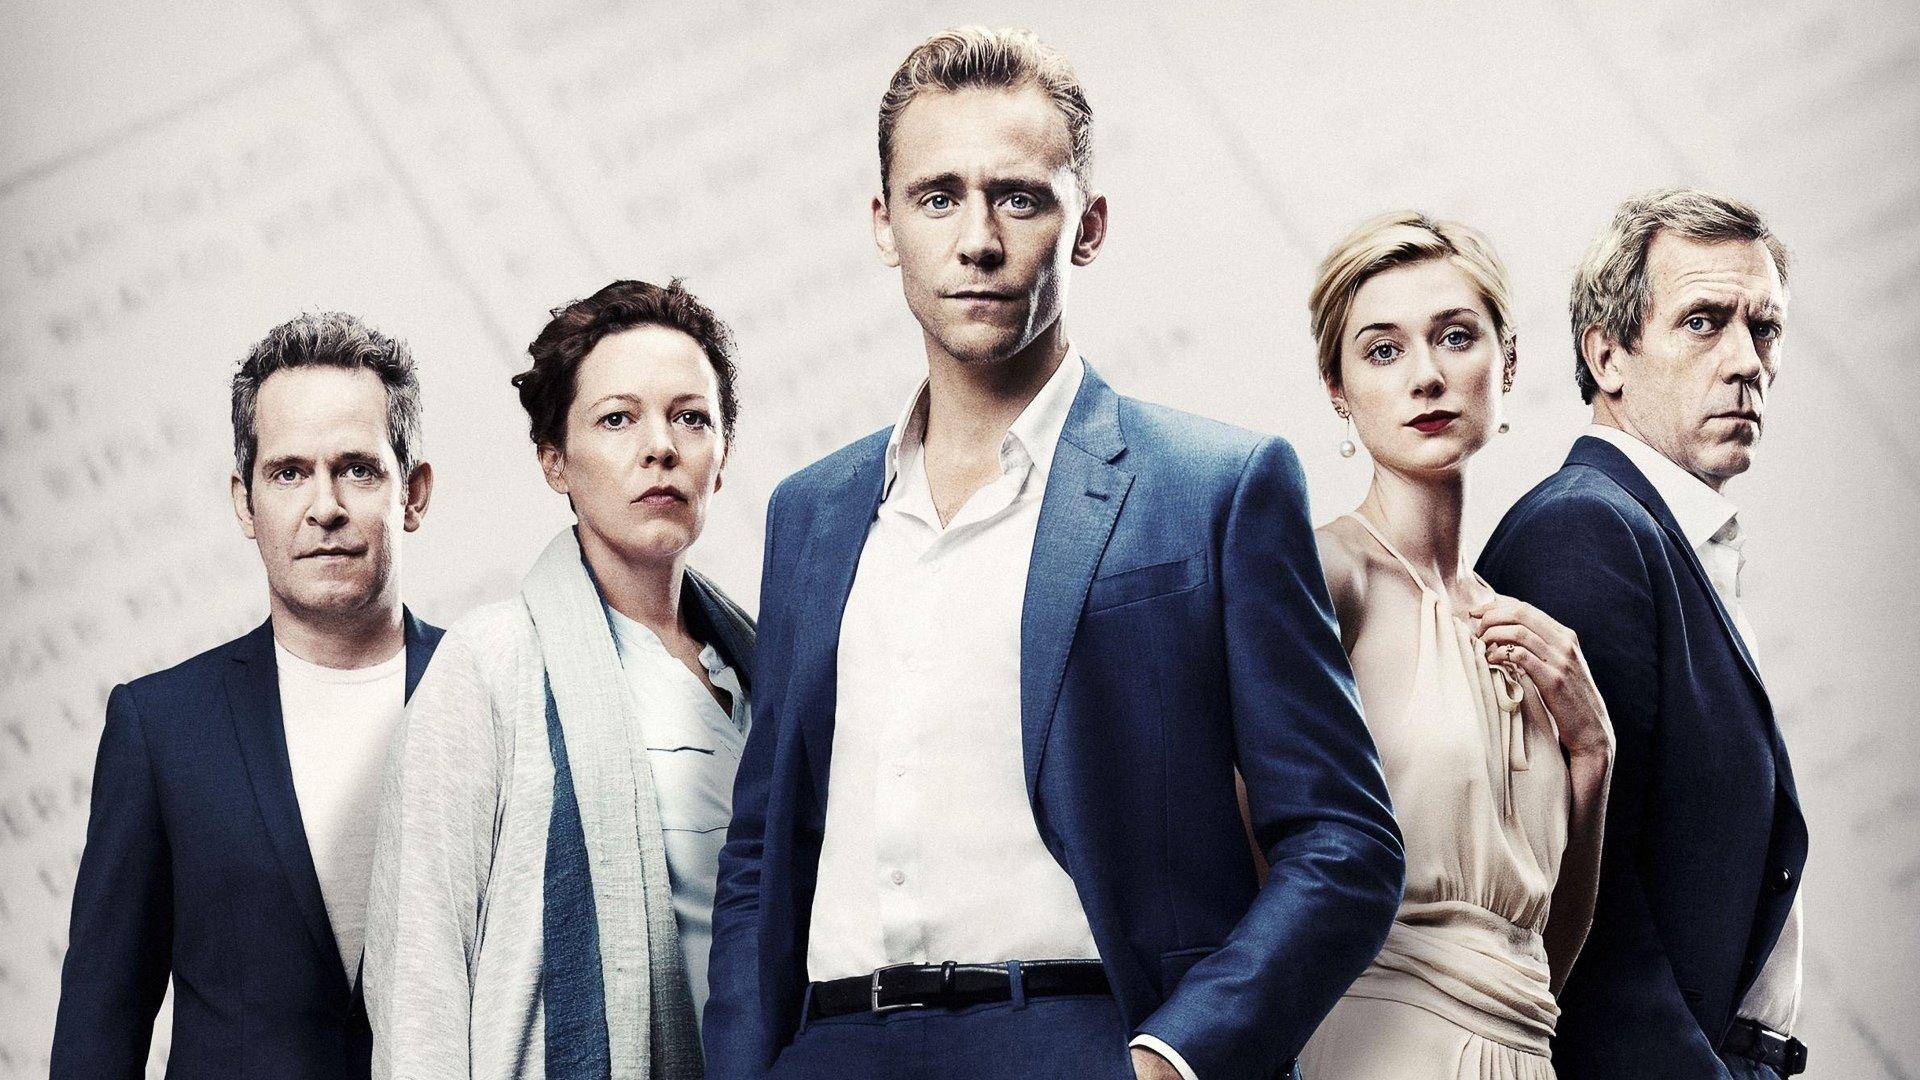 TV Show - The Night Manager  Tom Hiddleston Hugh Laurie Tom Hollander Olivia Colman Elizabeth Debicki Wallpaper